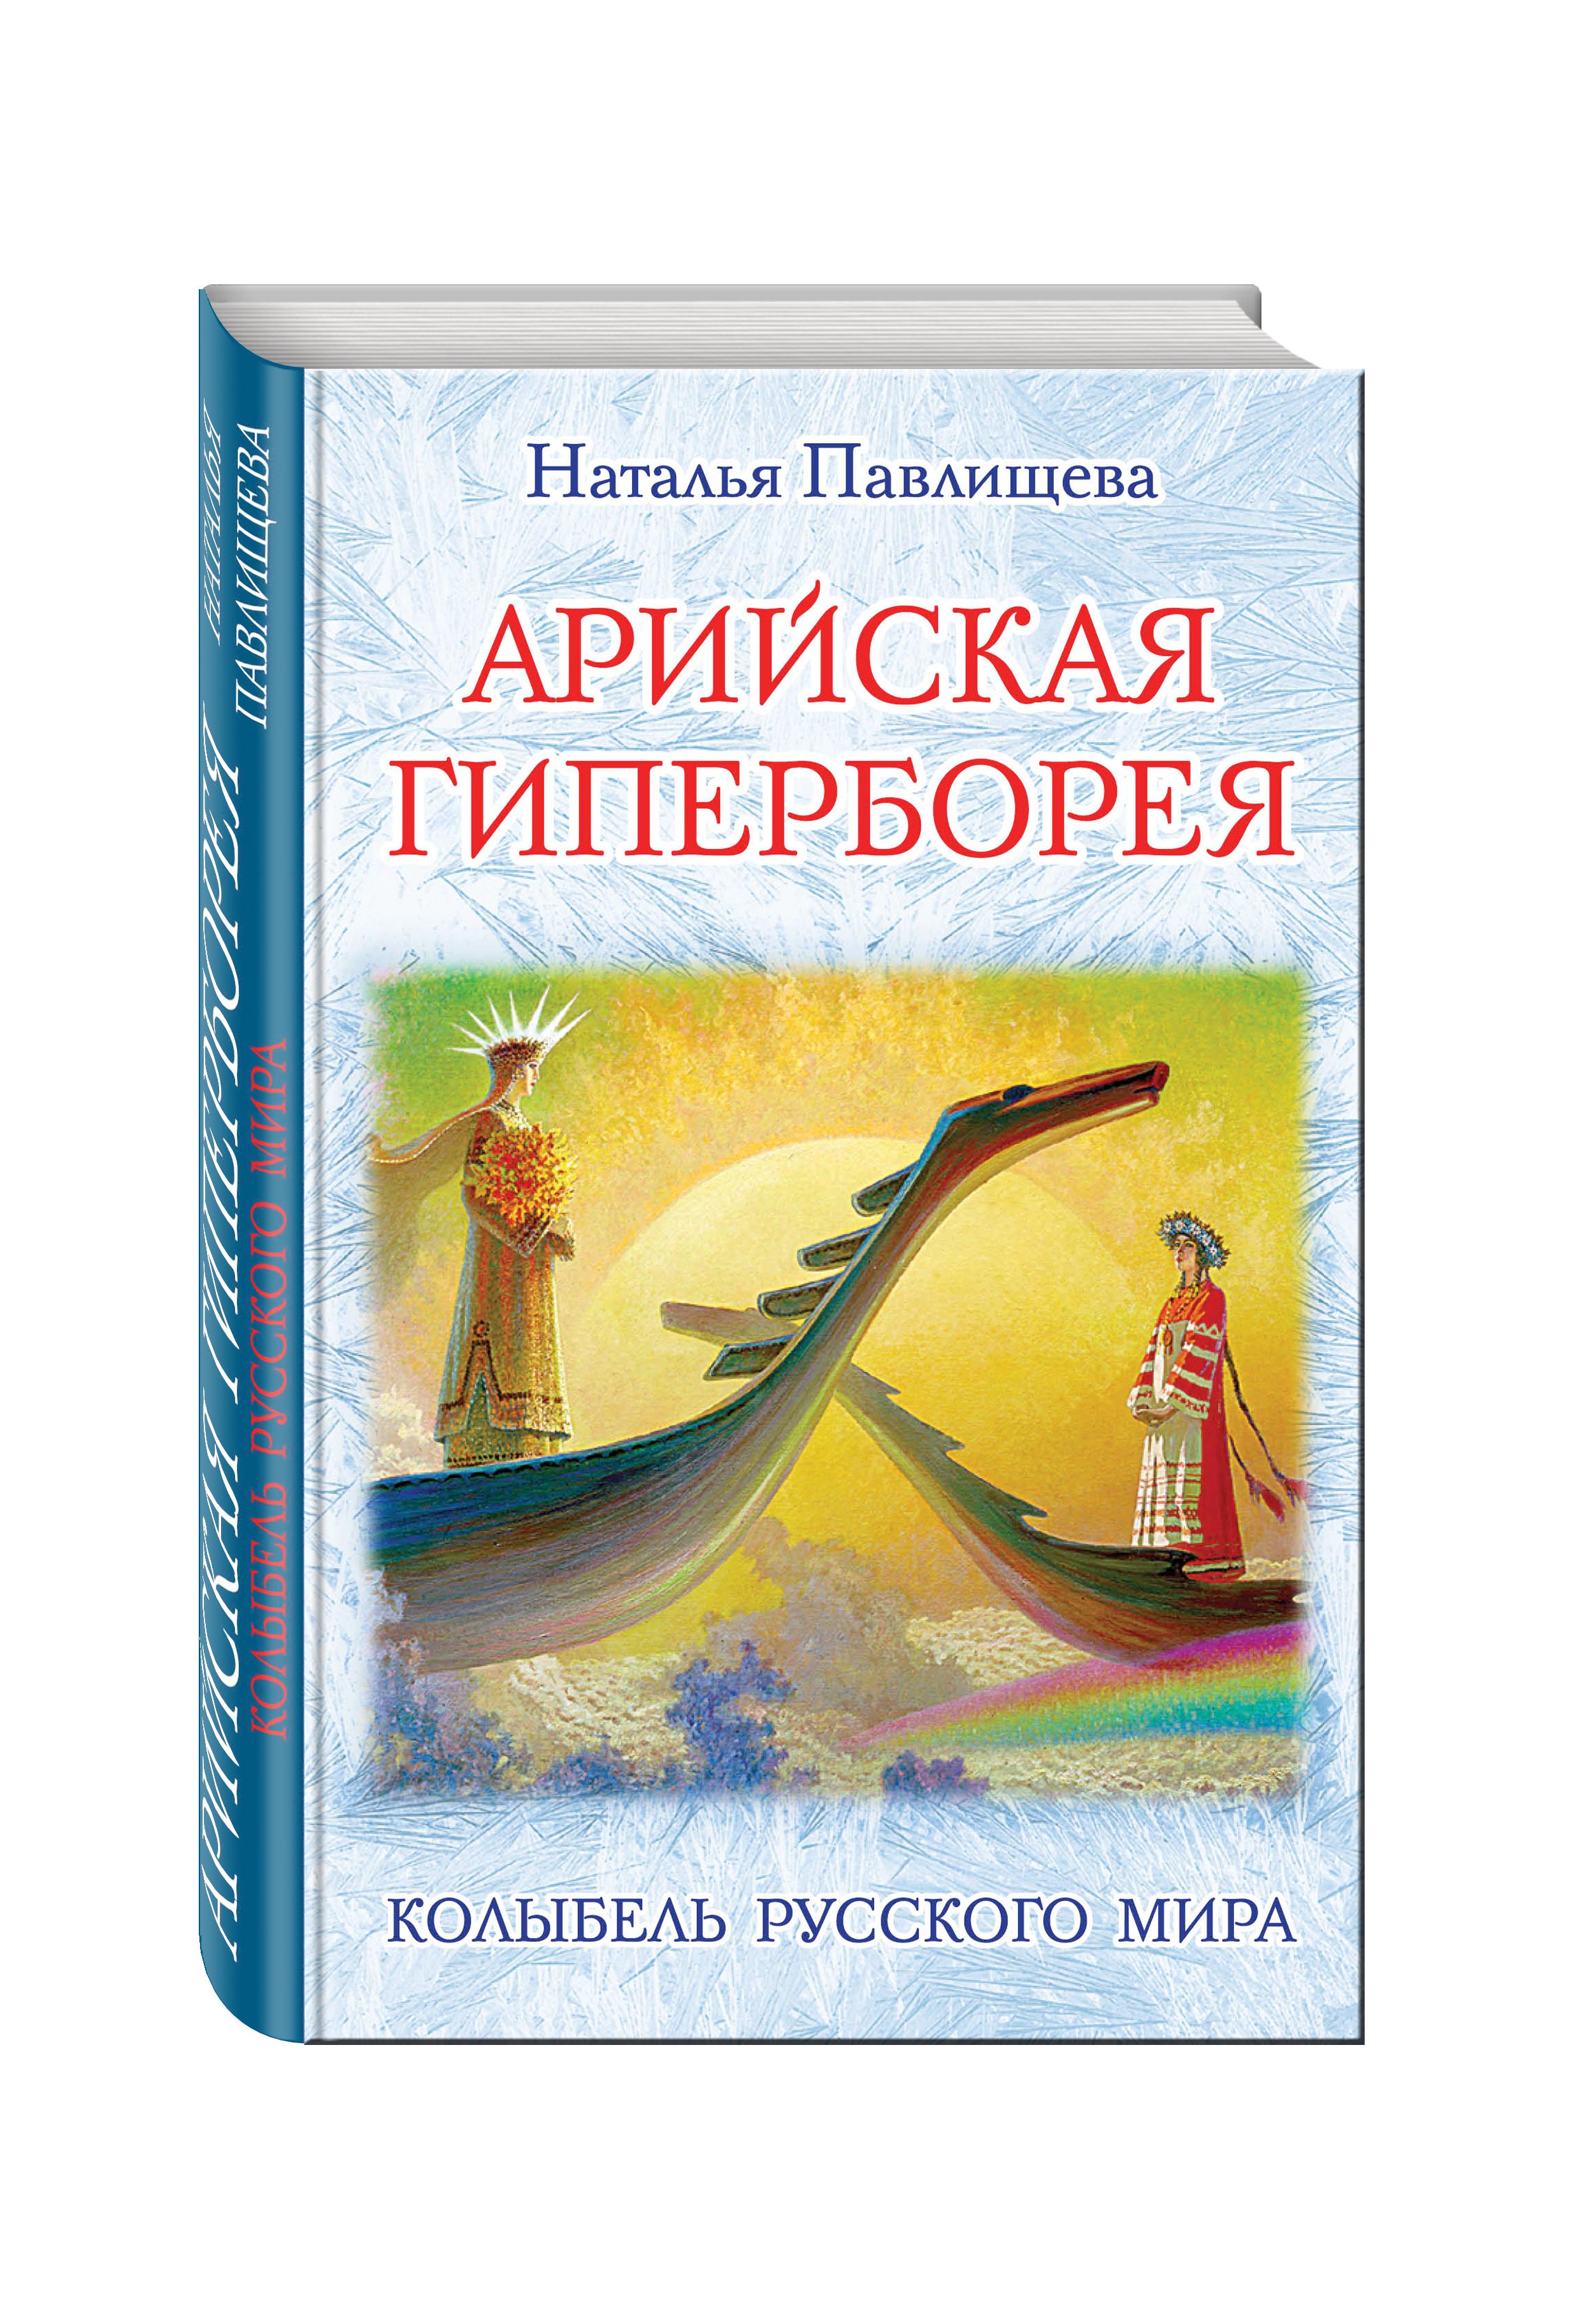 Арийская Гиперборея. Колыбель Русского Мира ( Павлищева Н.П.  )